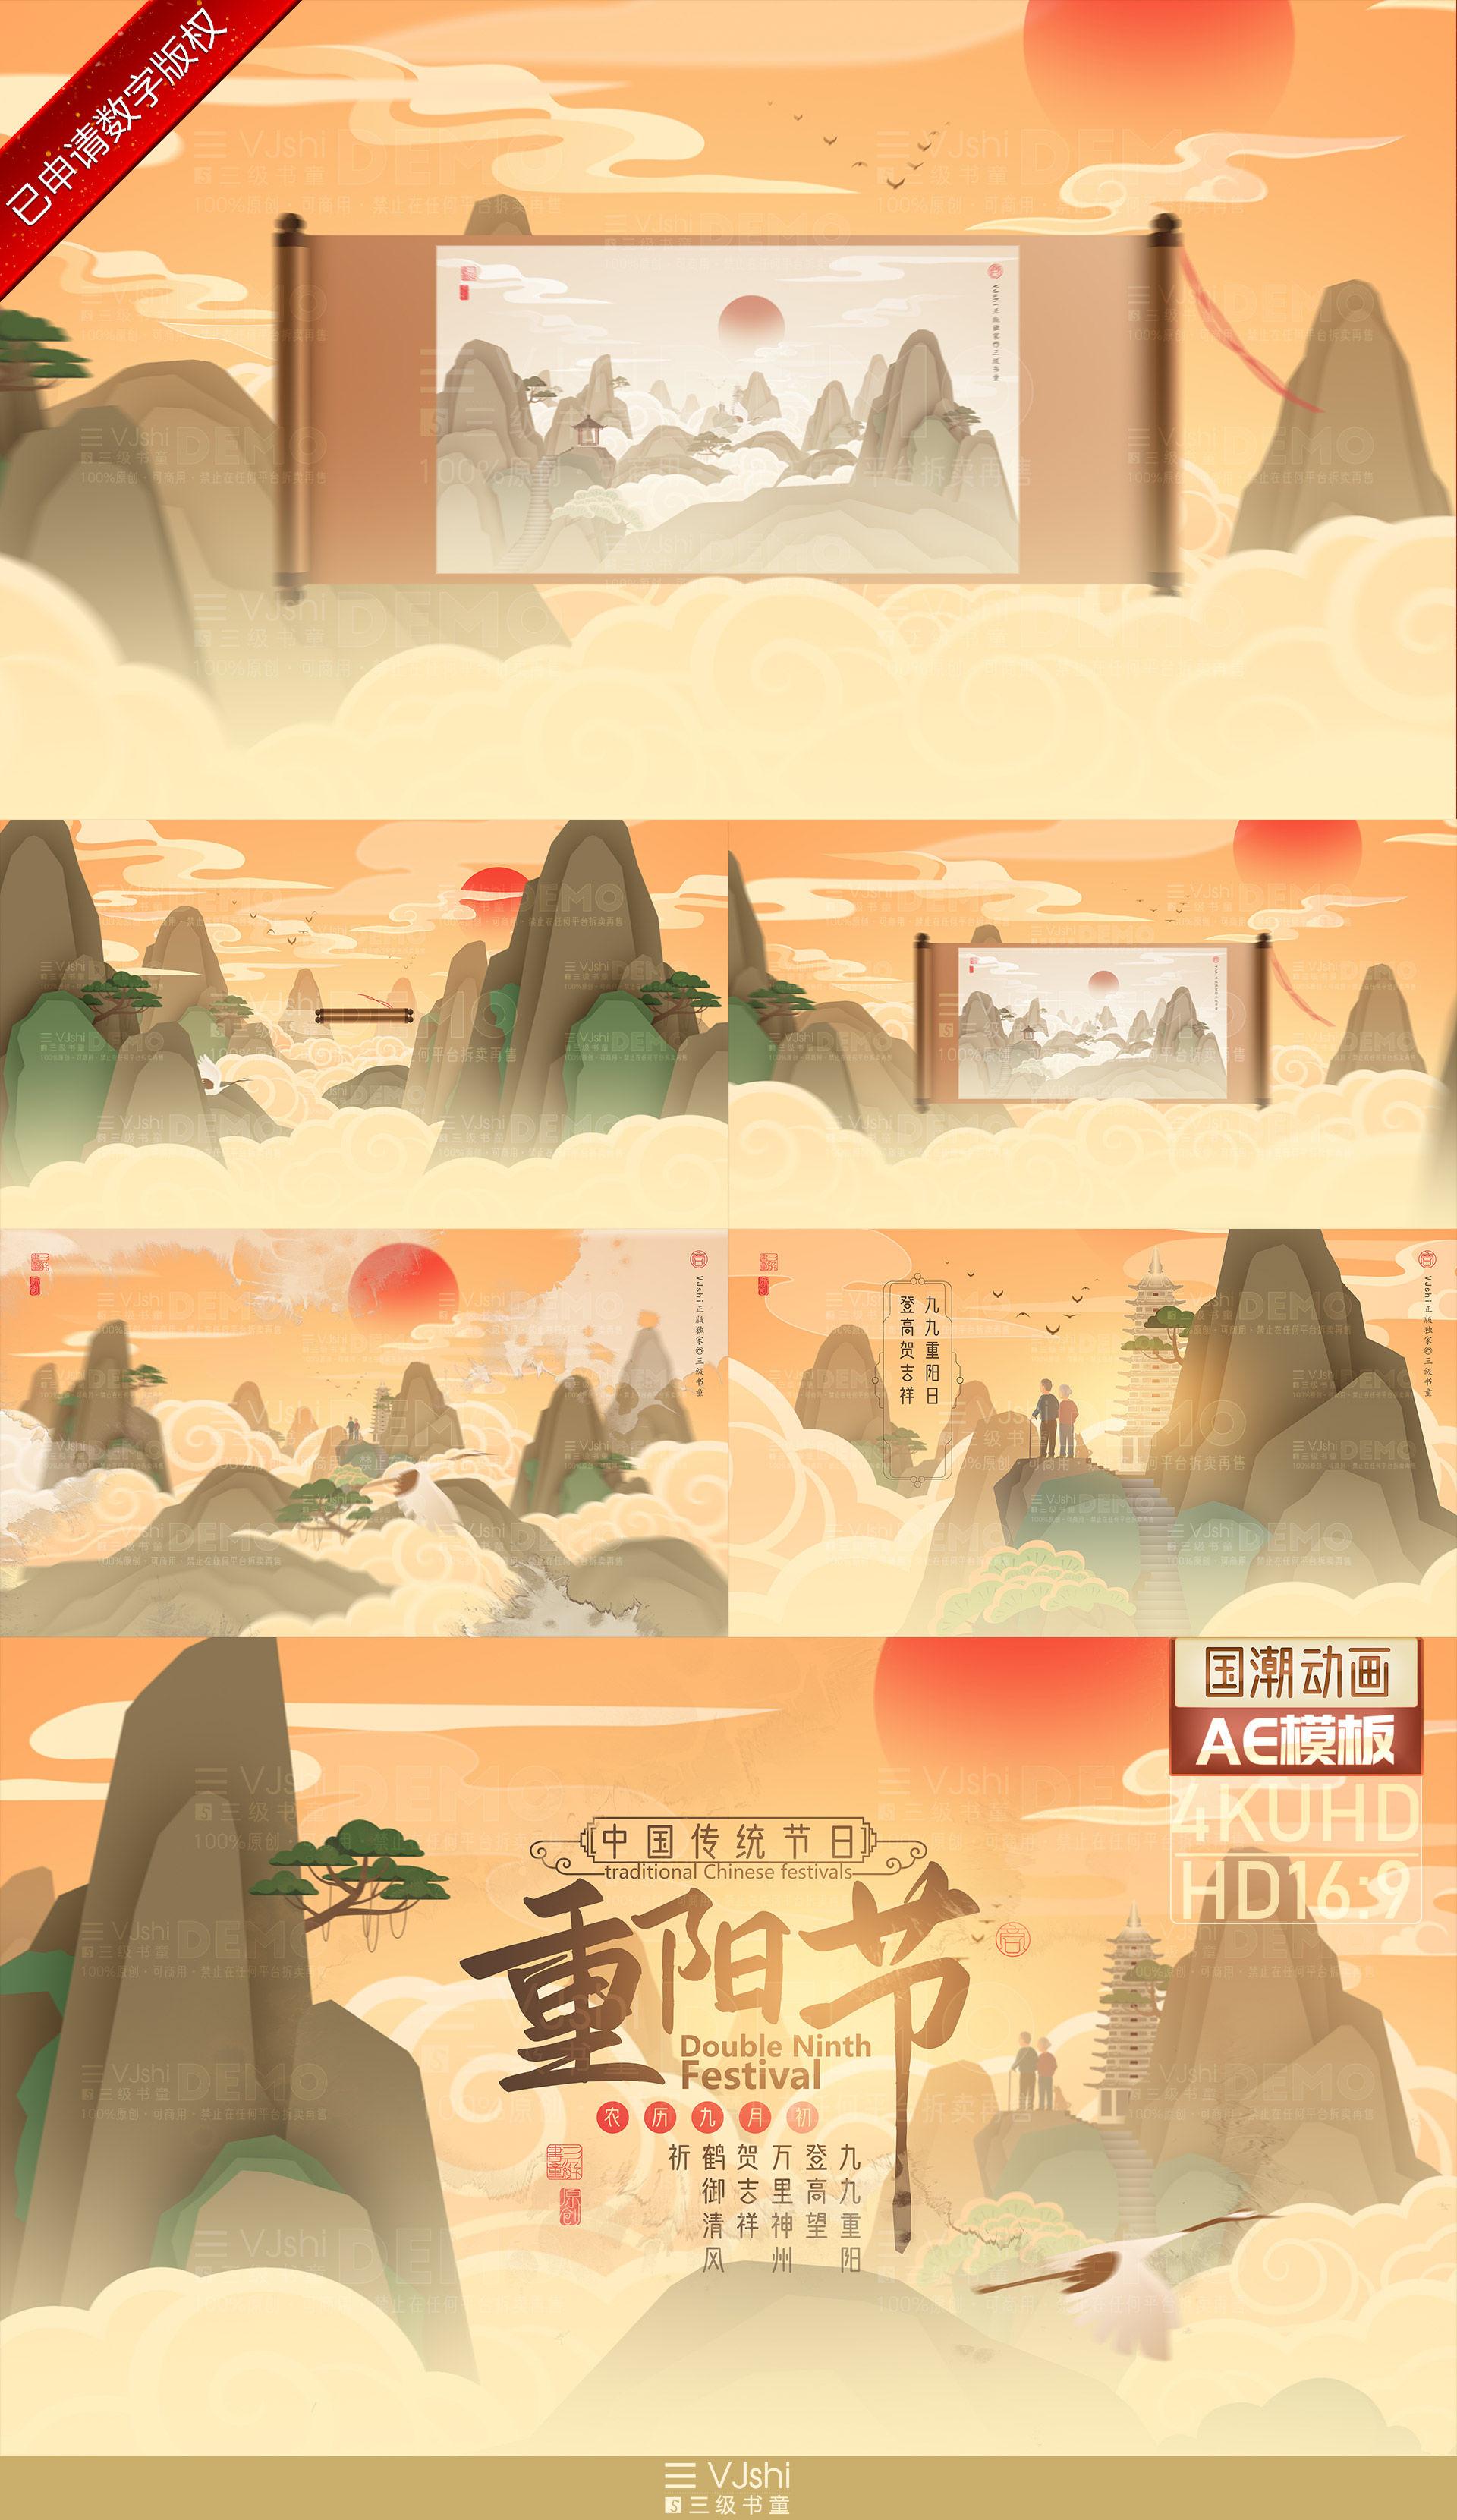 重阳节MG动画片头国潮卷轴古风传统节日